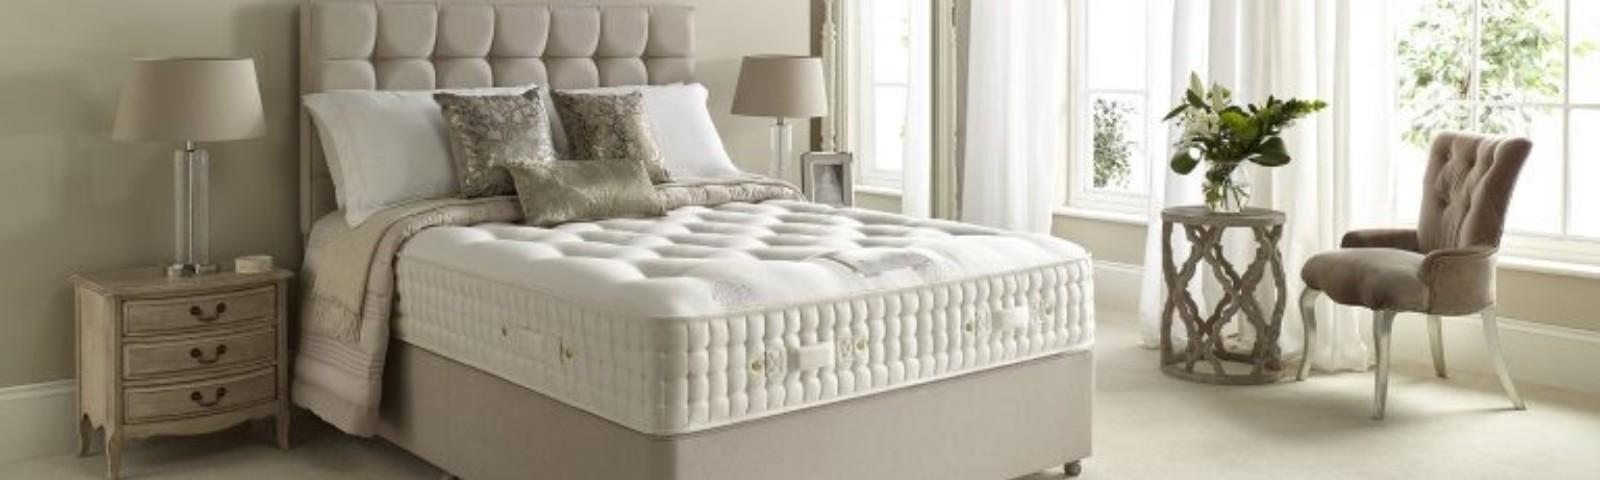 Bedroom Trend 1